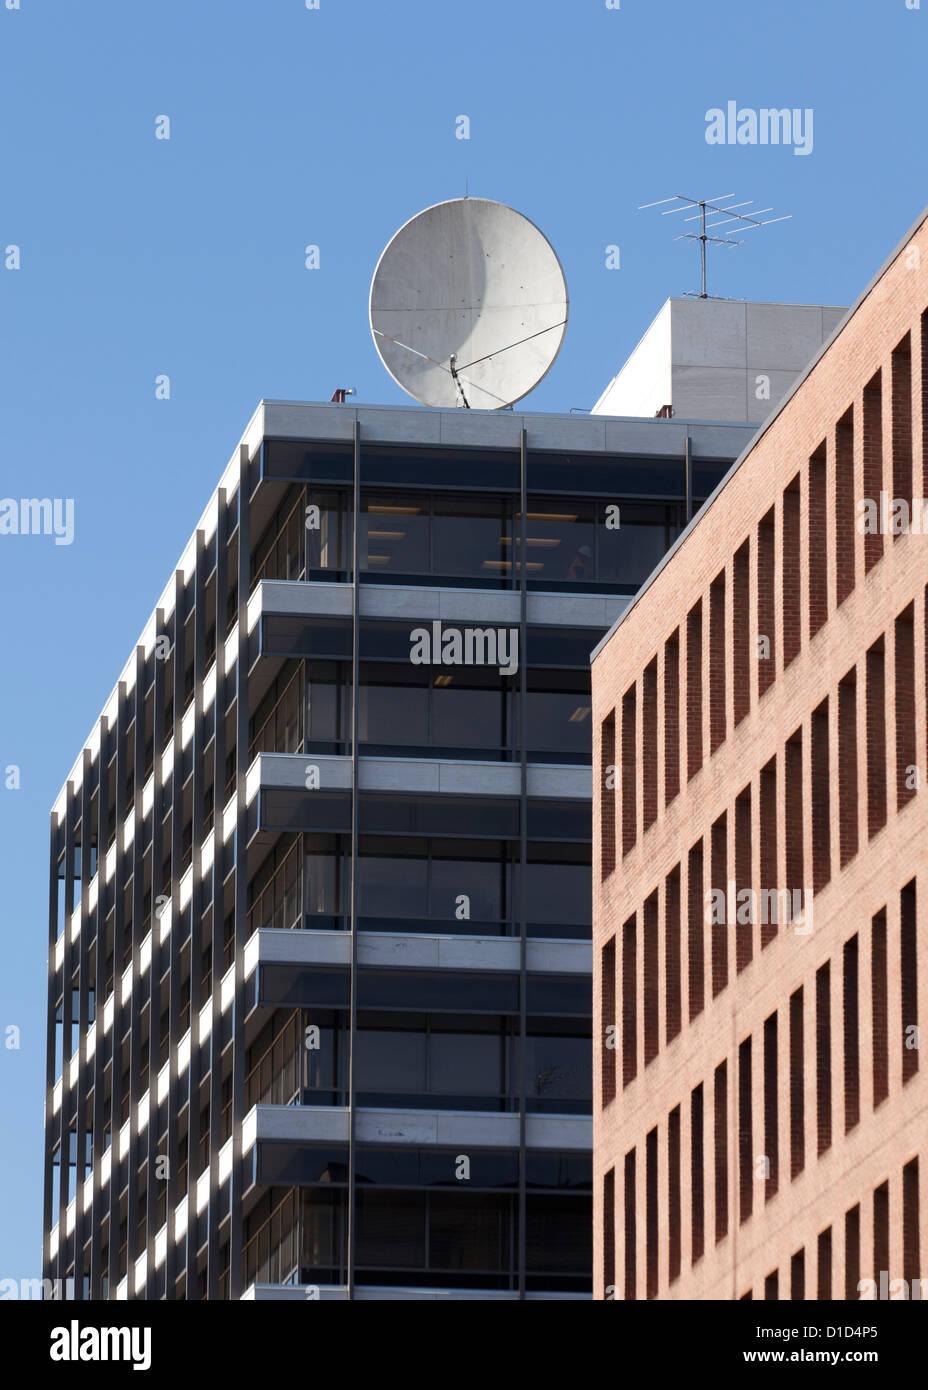 Satellite di comunicazioni piatto sulla parte superiore della costruzione Immagini Stock